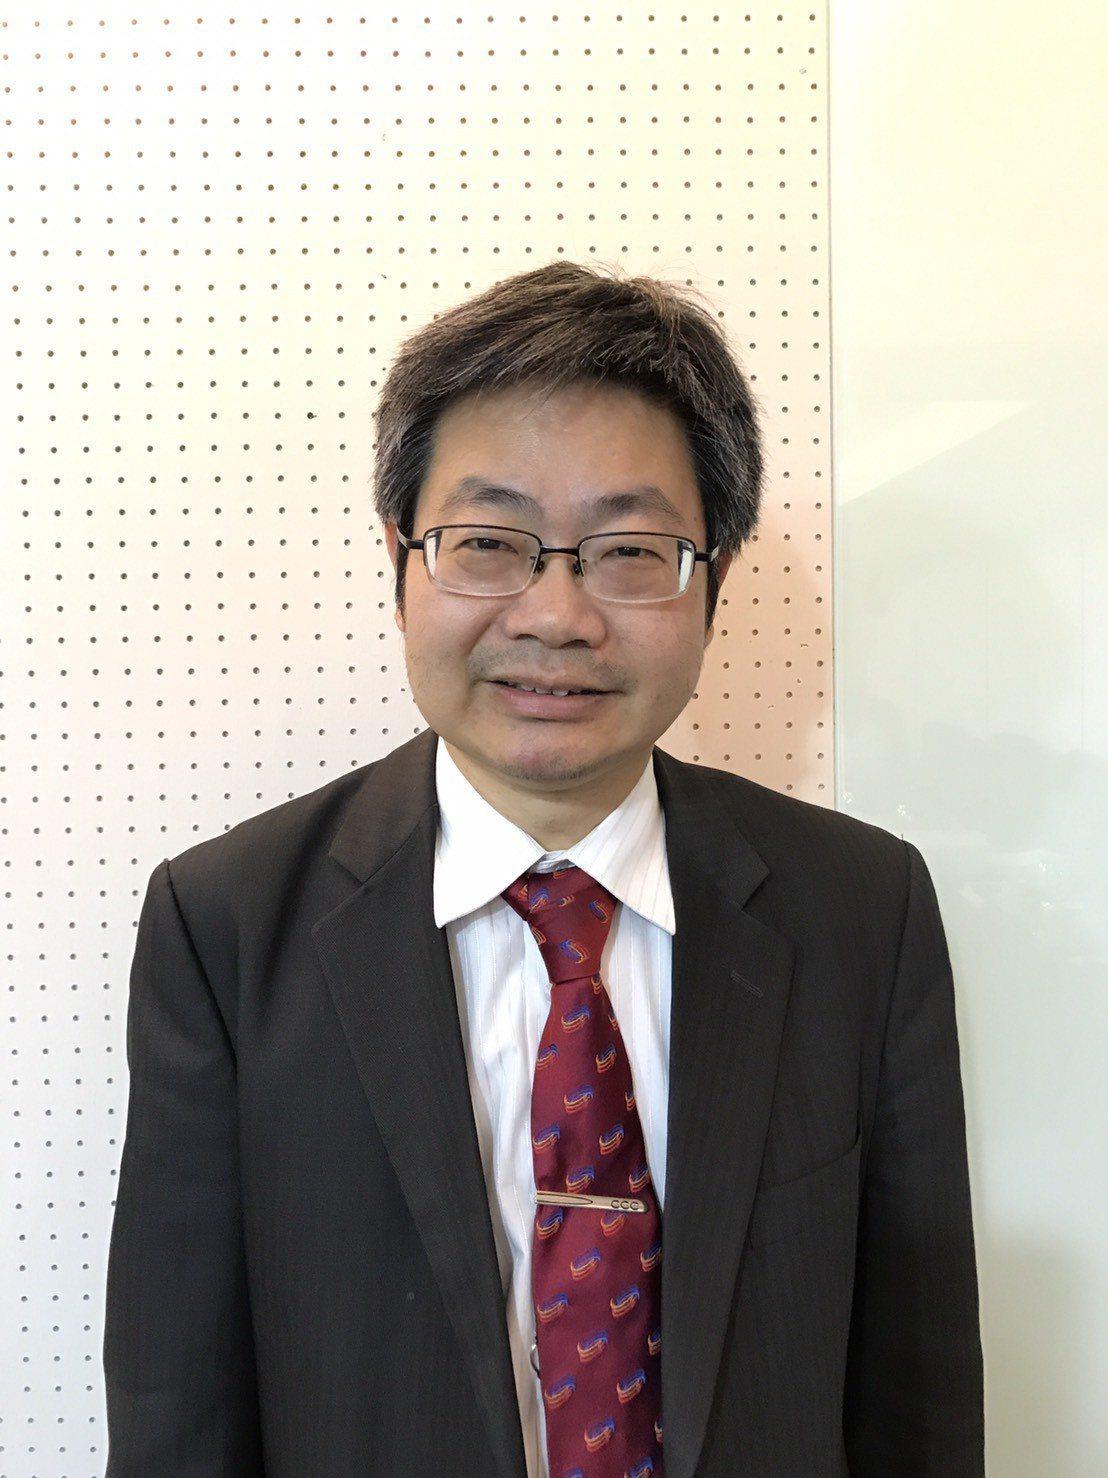 韓國瑜公布小內閣名單,準高雄市府財政局長李樑堅。圖/韓國瑜辦公室提供